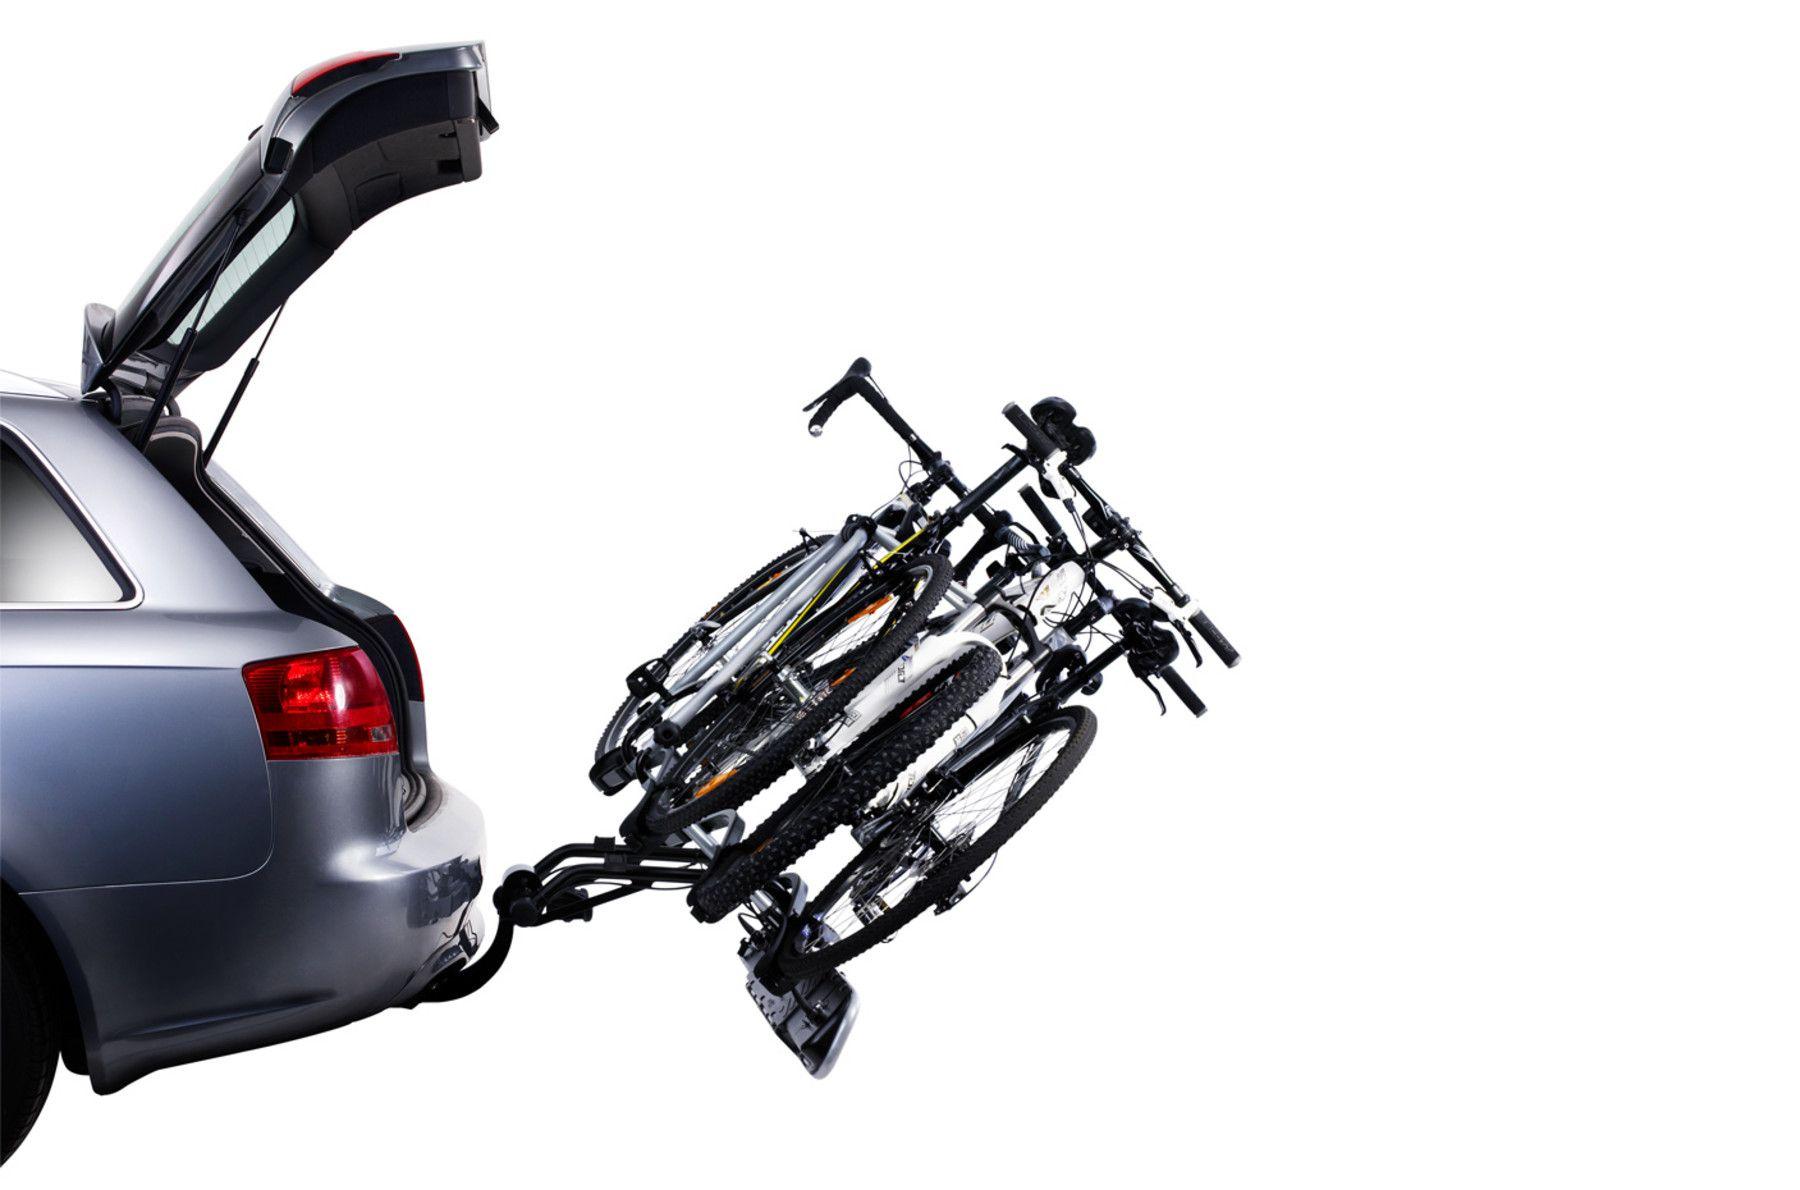 Suporte de Engate para Bicicleta Thule EuroRide 3 Bicicletas